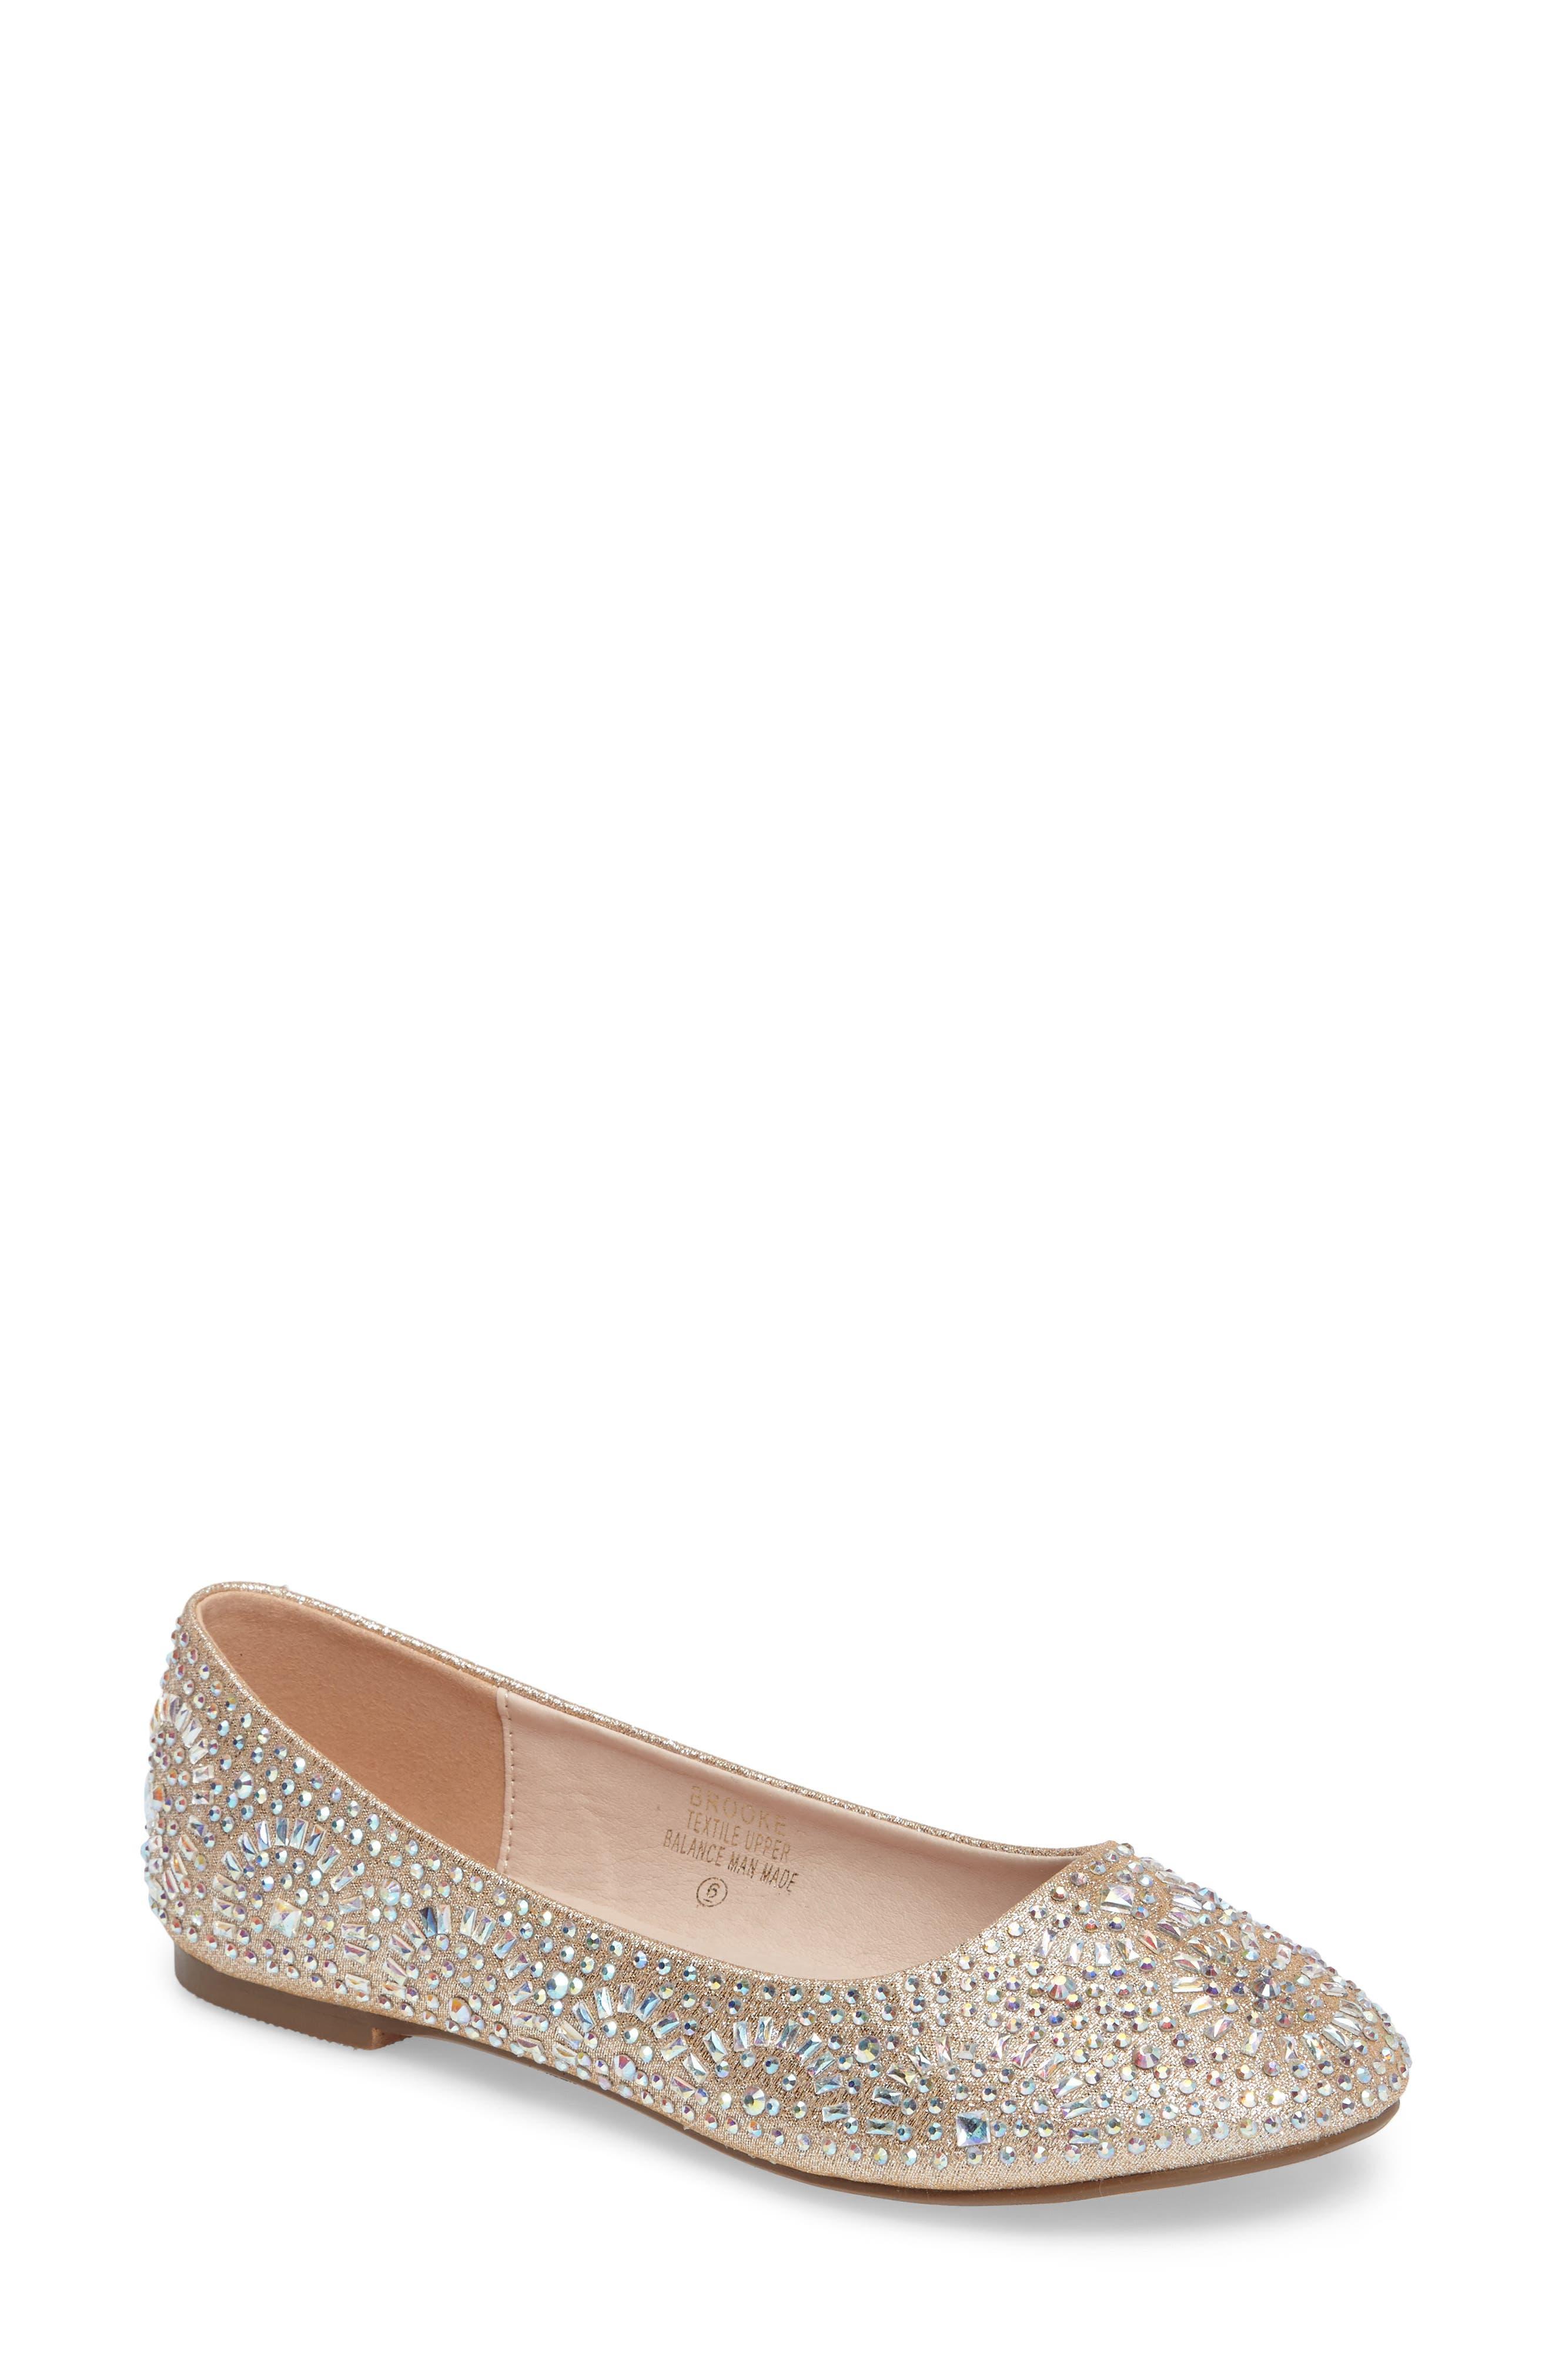 LAUREN LORRAINE Brooke Crystal Embellished Ballet Flat